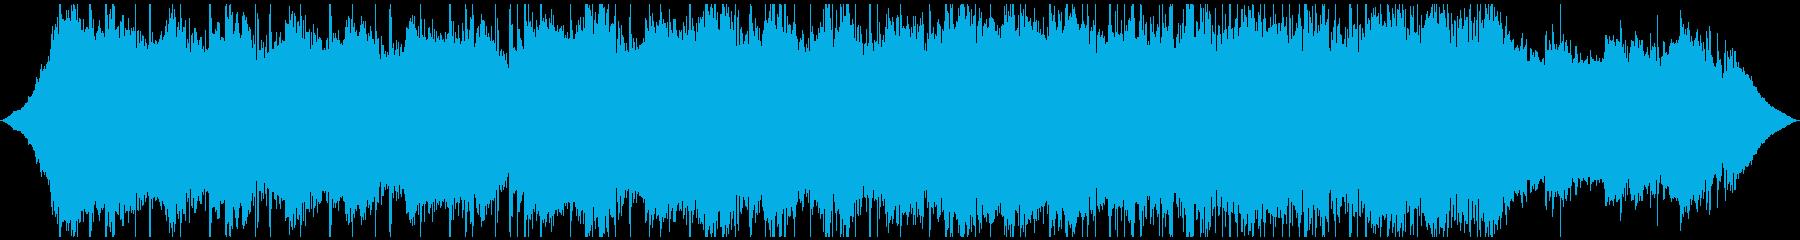 インディーズ ロック ポップ ほの...の再生済みの波形